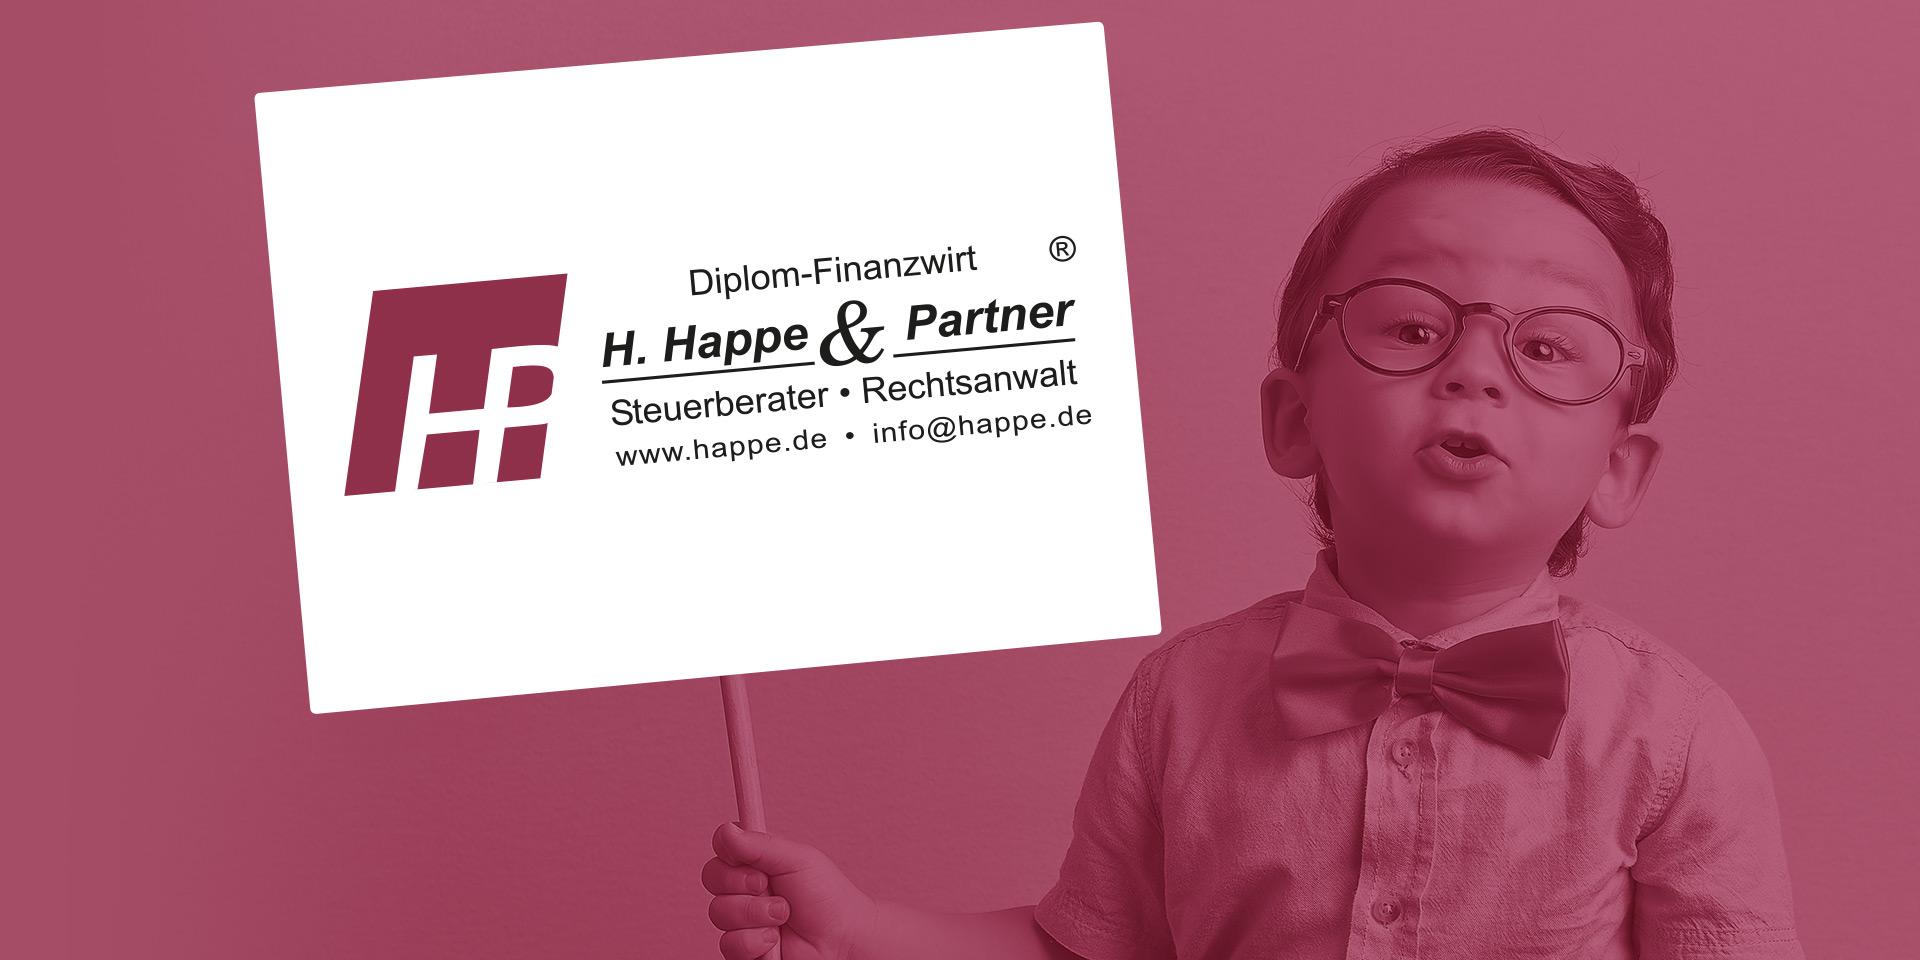 Diplom-Finanzwirt H. Happe & Partner aus Inden